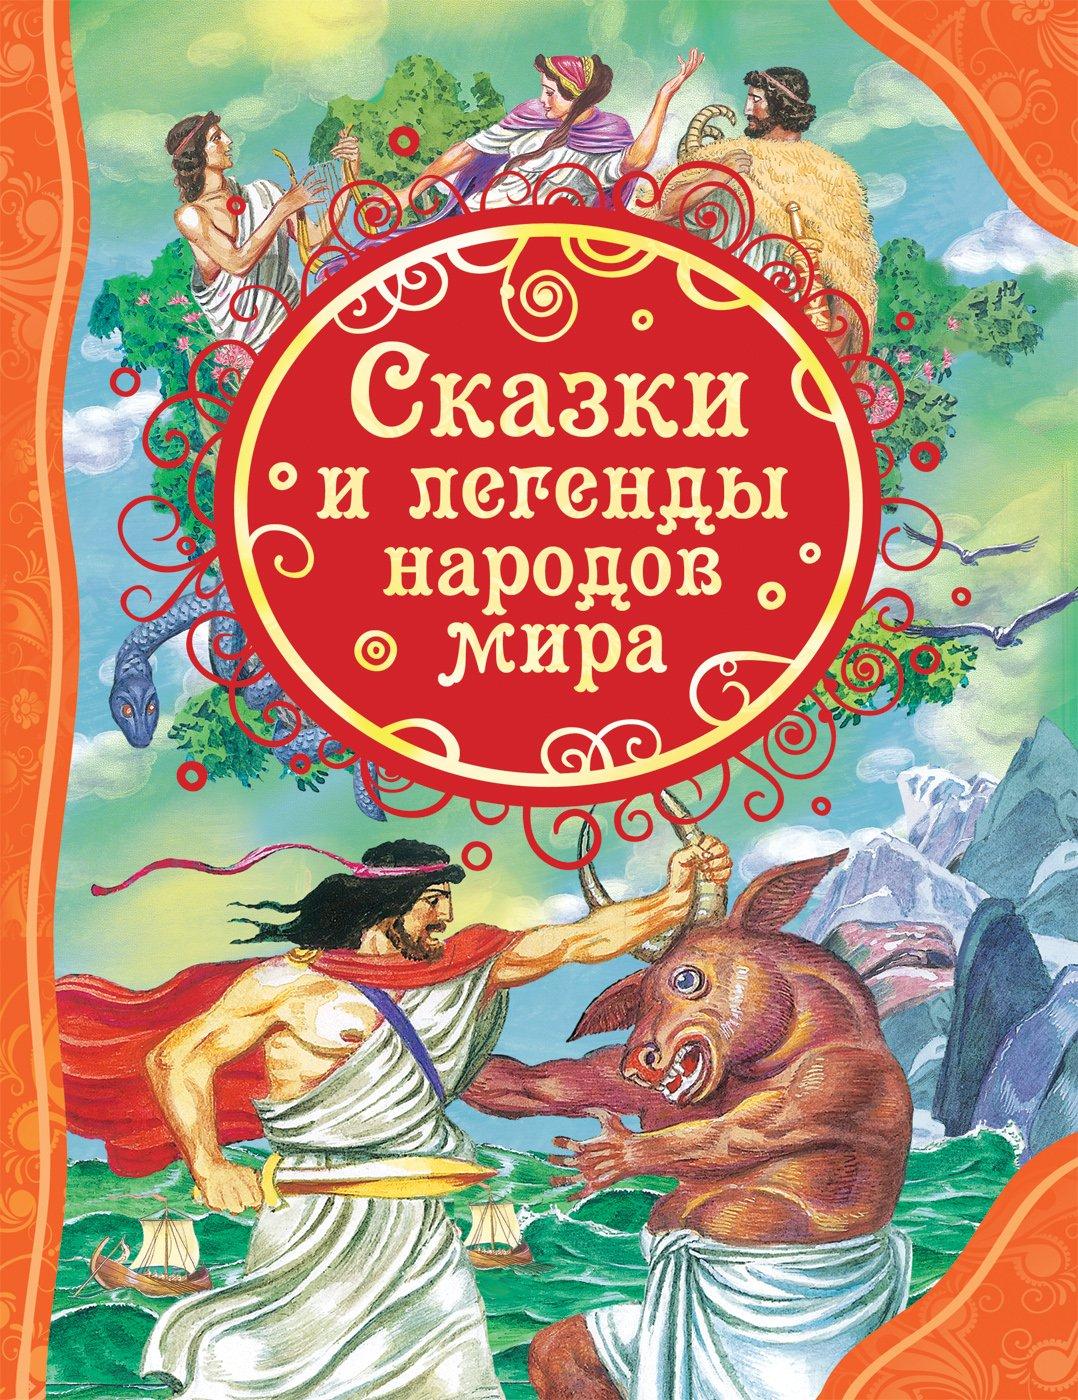 Мельниченко М. Сказки и легенды народов мира (ВЛС)